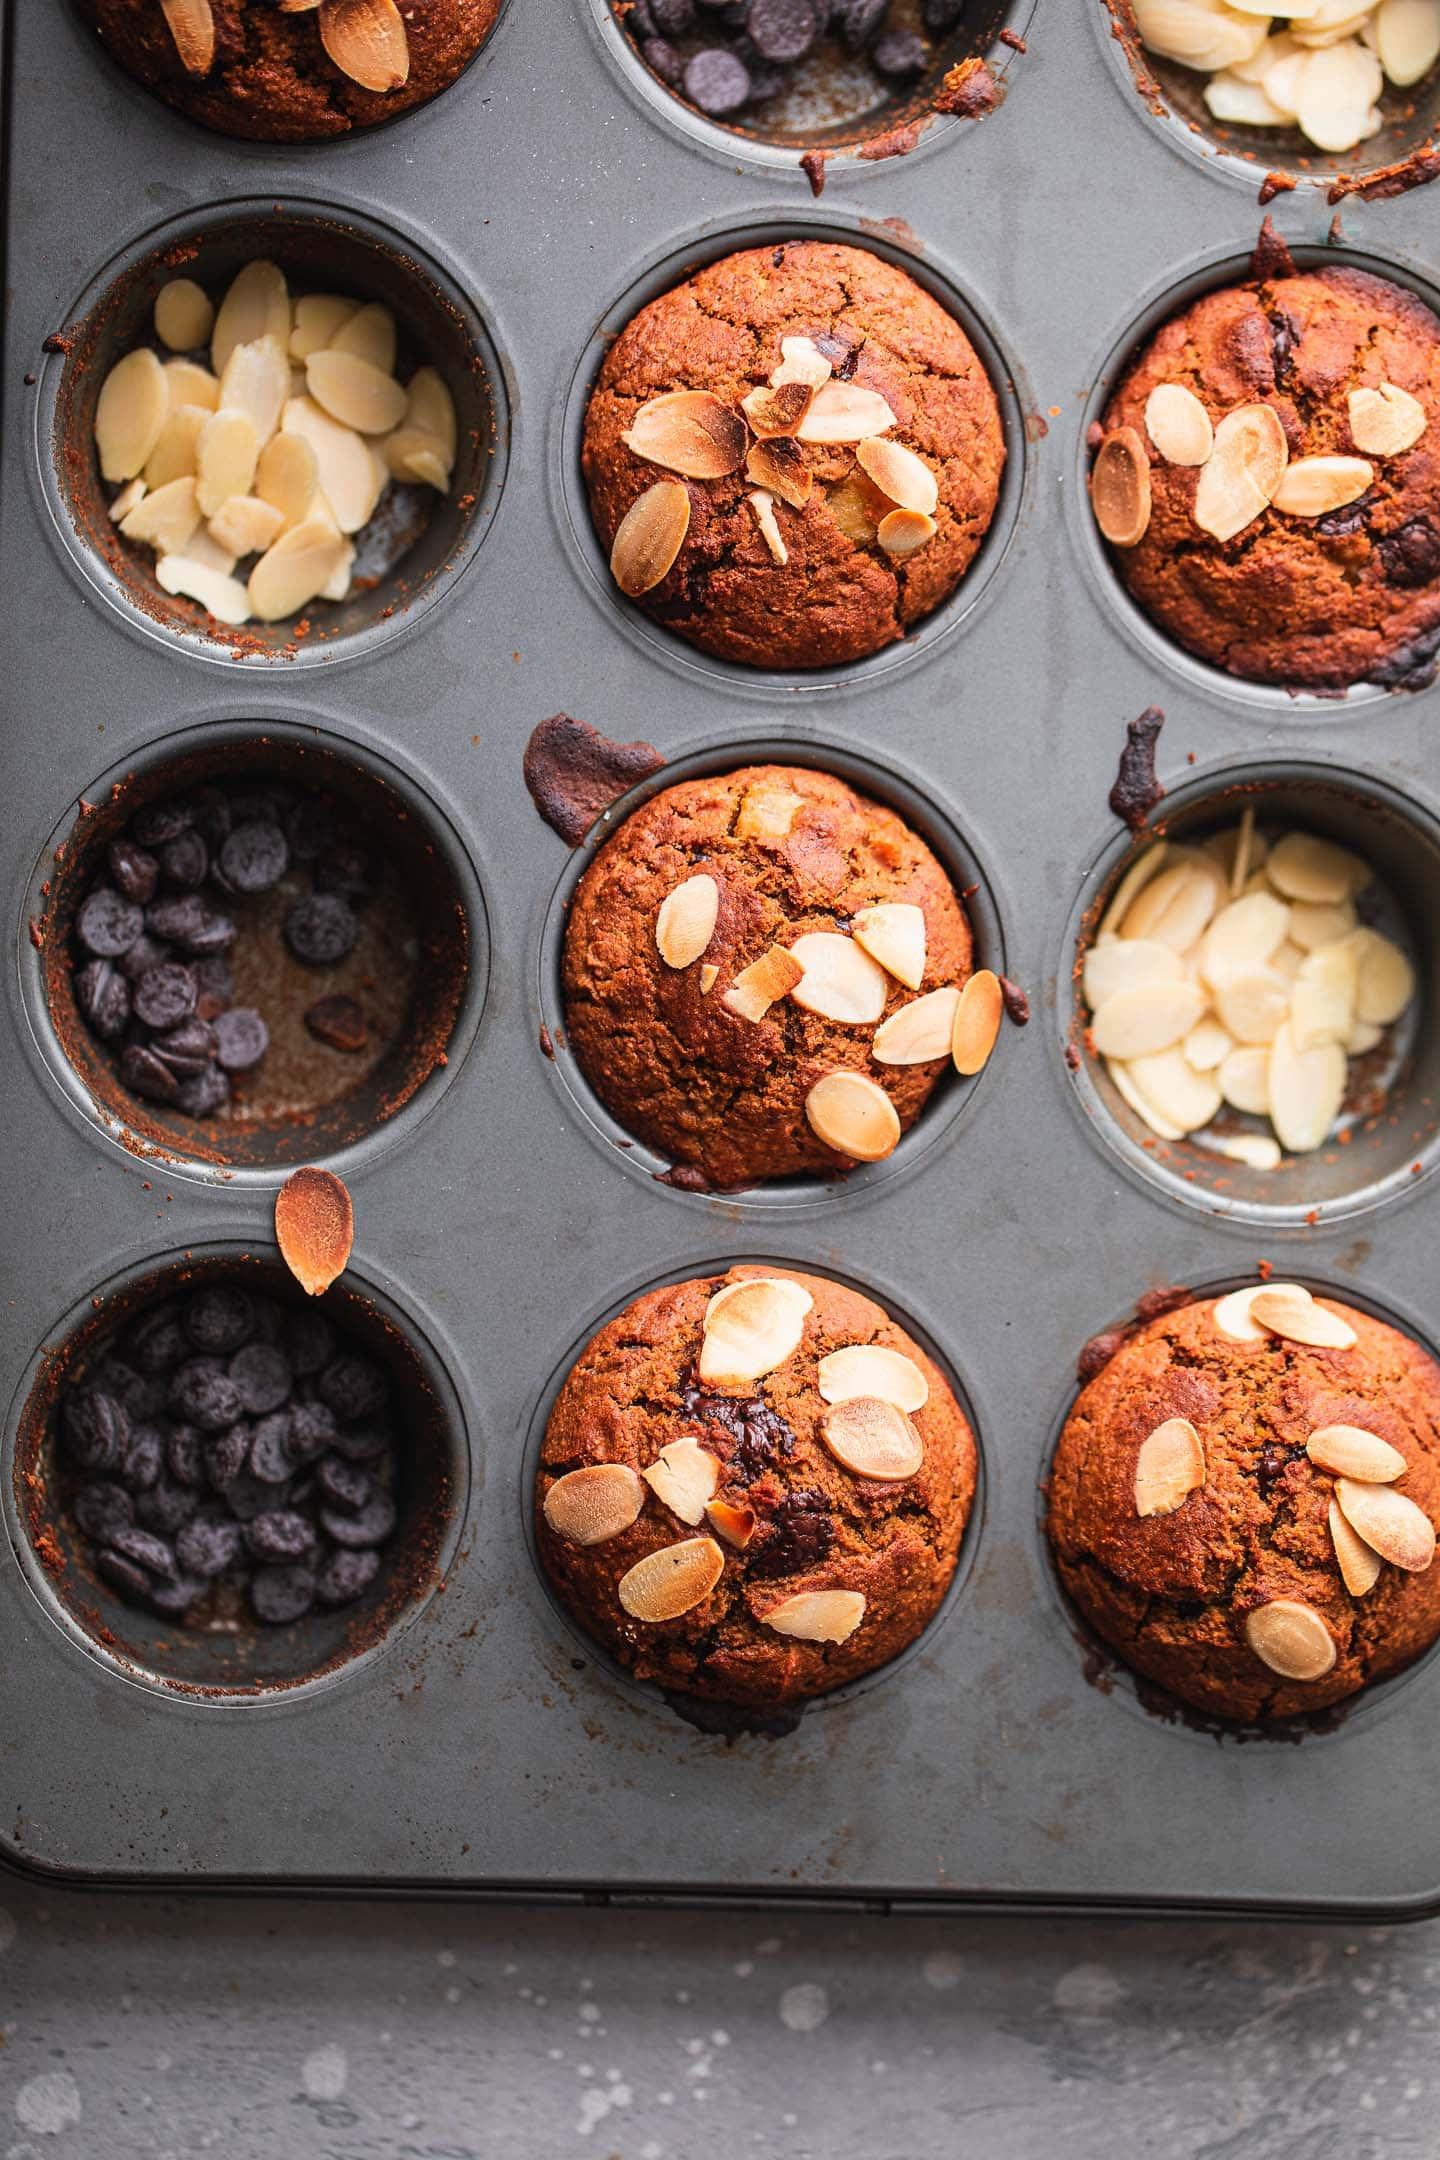 Vegan muffins in a muffin tray